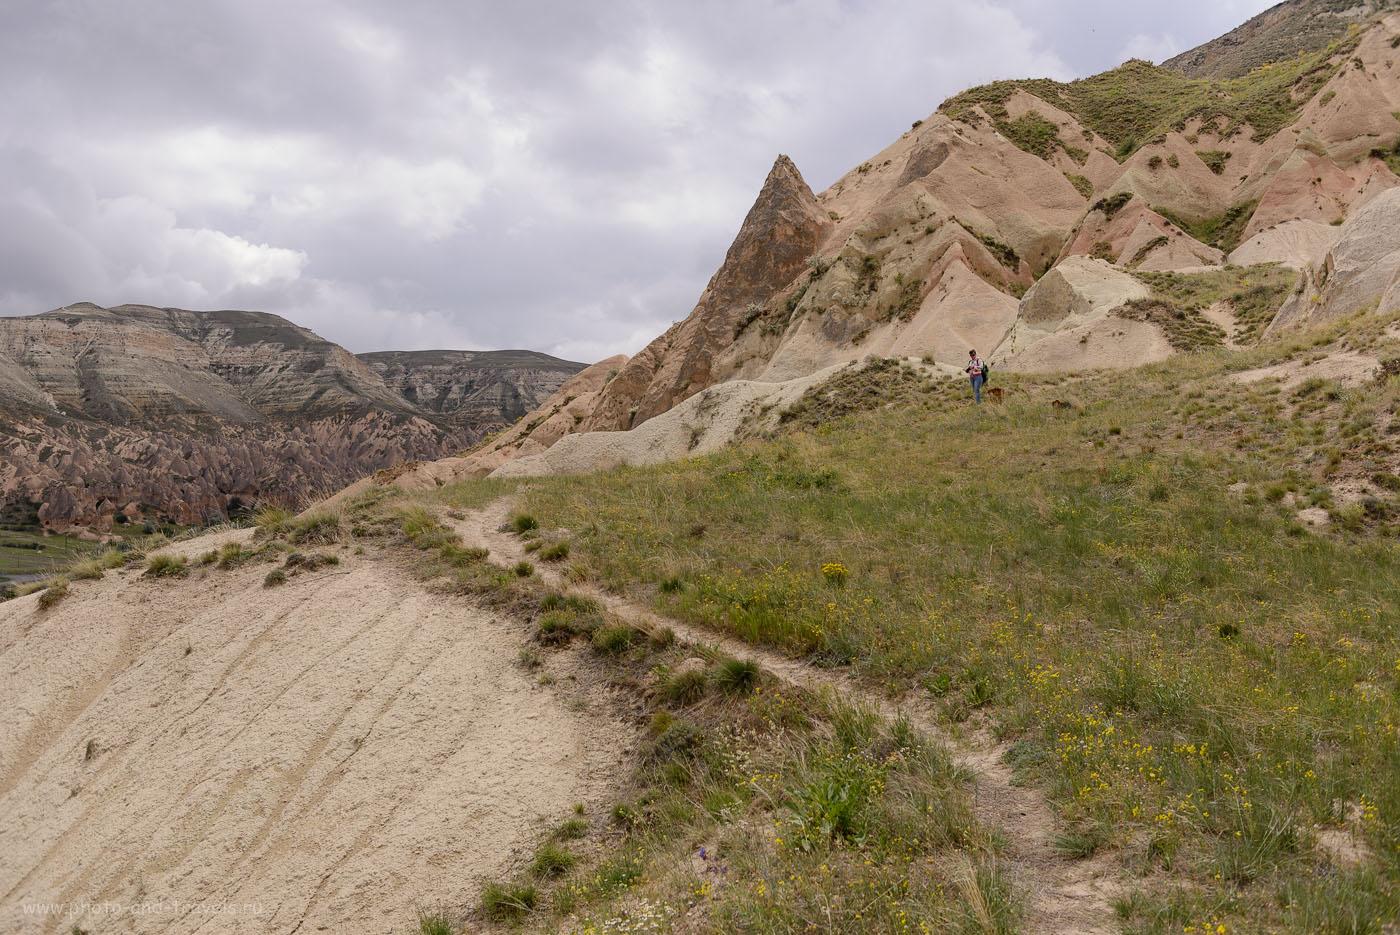 Фото 7. Тропинка в горах по пути из Paşabaği в Zelve. Отдых в Турции для россиян. Отзывы туристов. 1/2000, -0.33, 4.5, 160, 32.